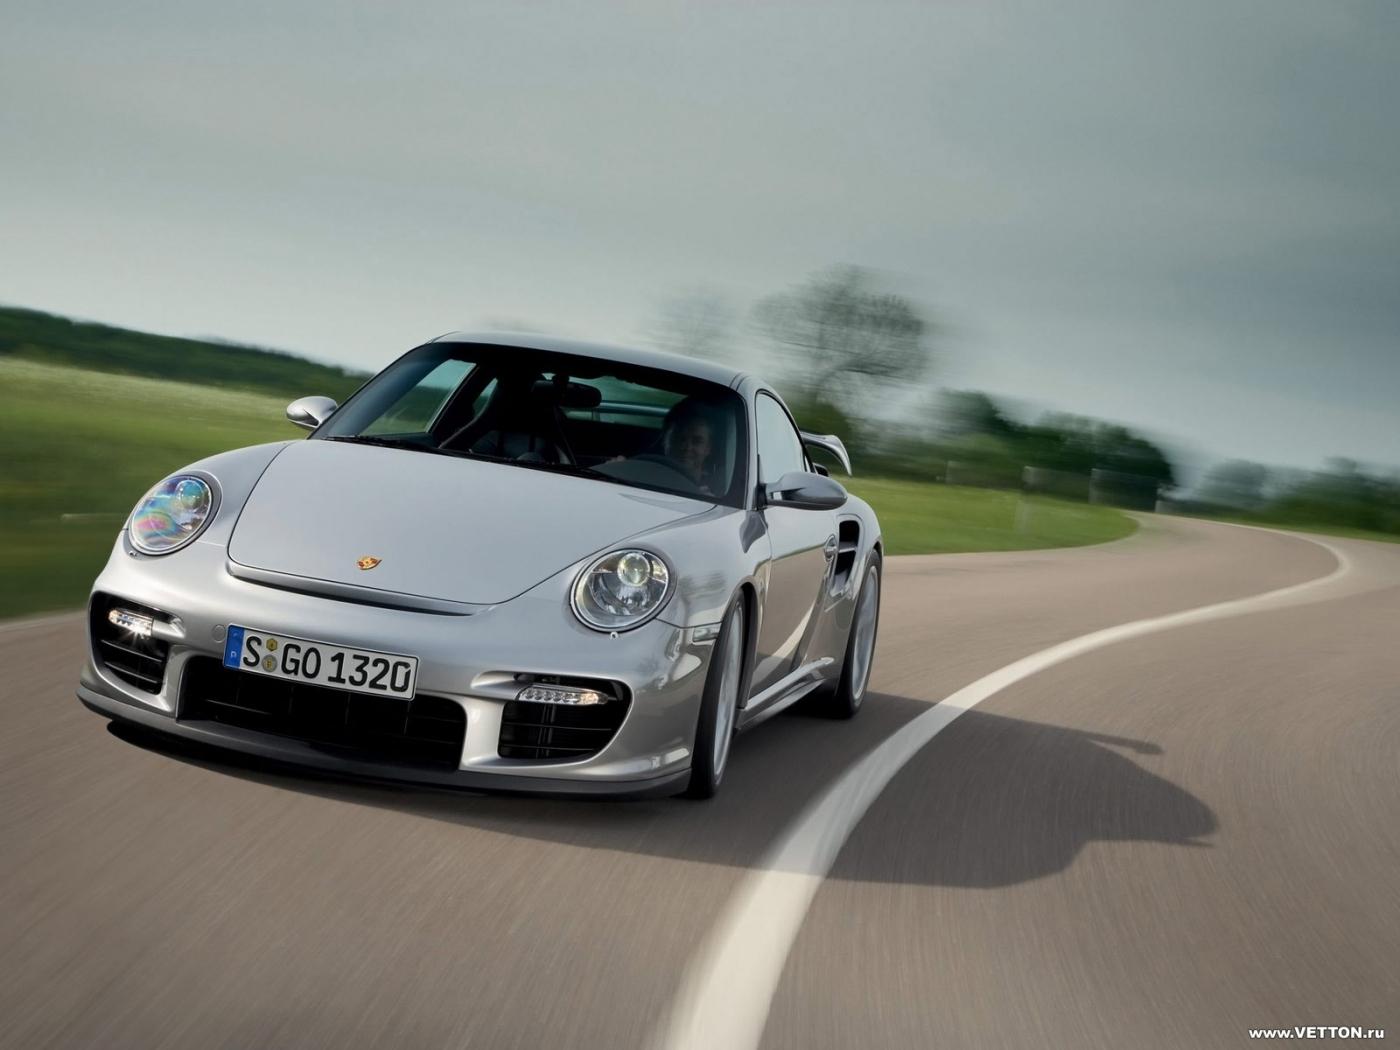 27010 скачать обои Транспорт, Машины, Порш (Porsche) - заставки и картинки бесплатно